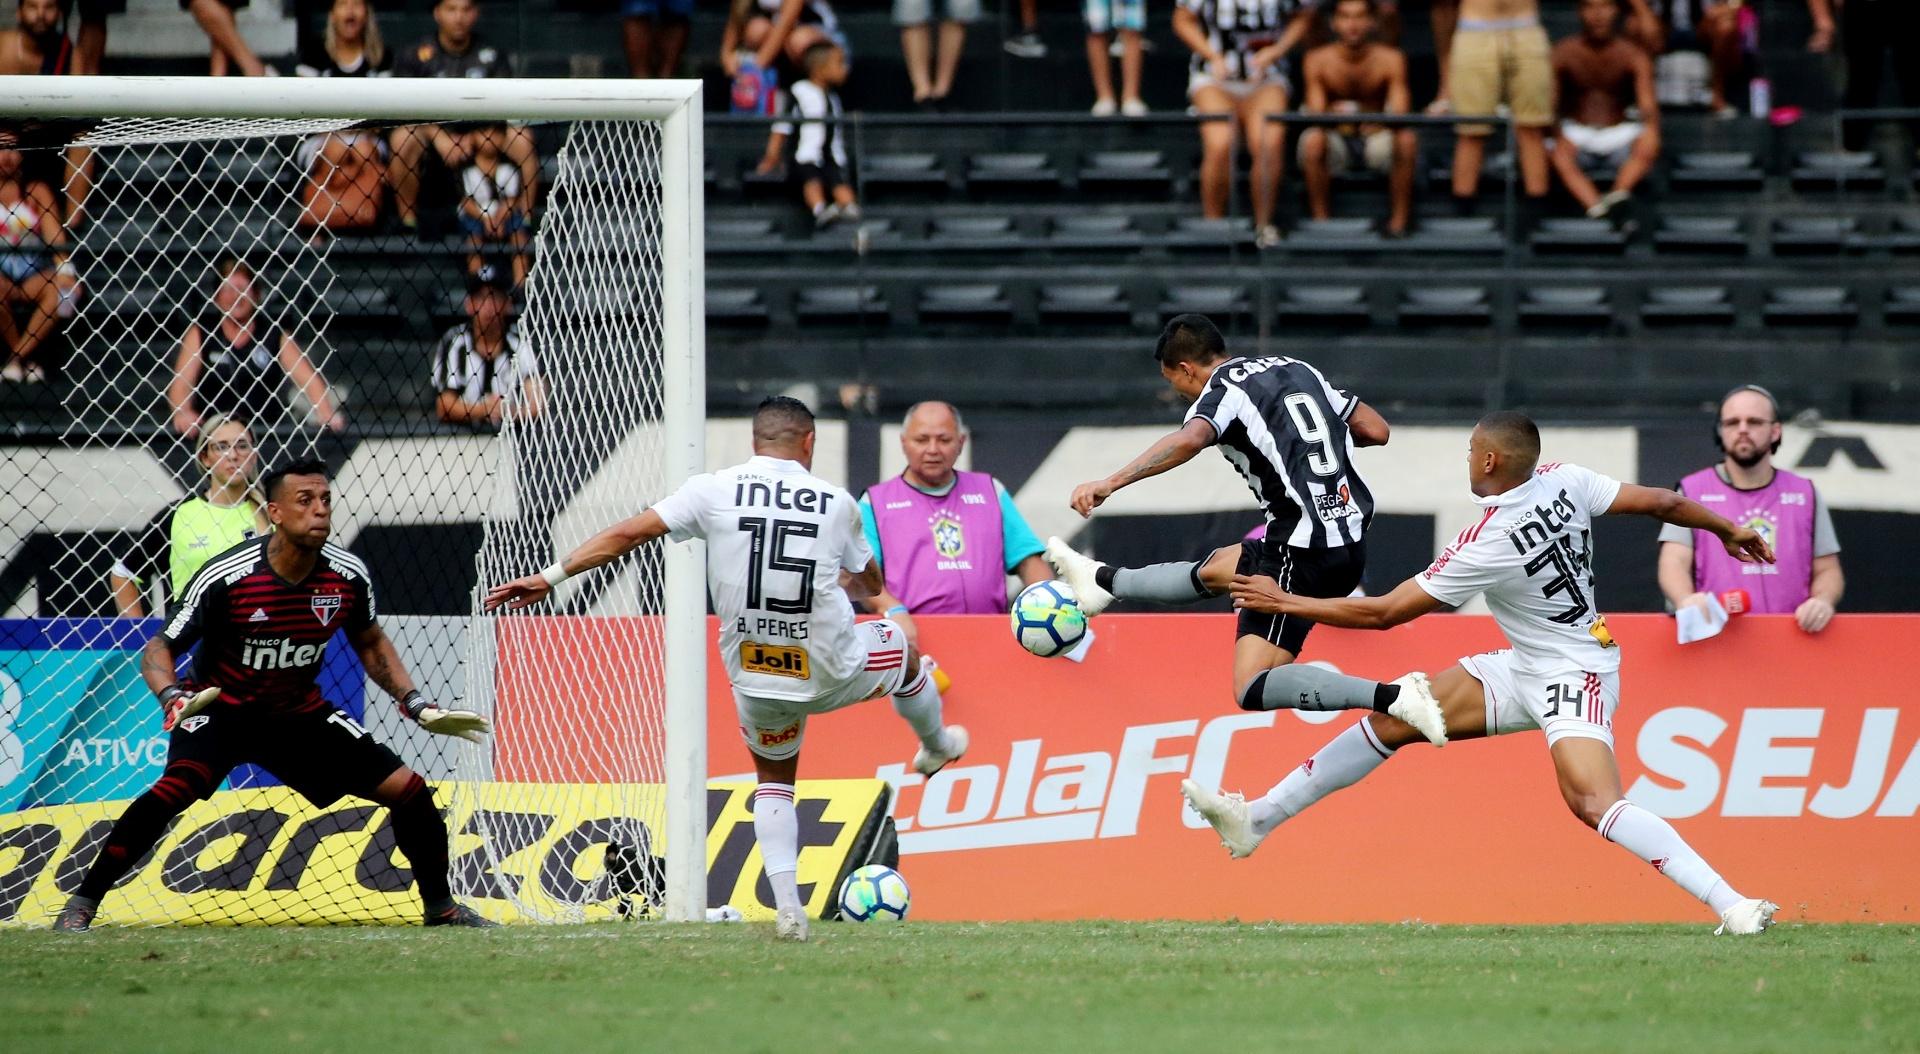 Kieza finaliza para marcar o segundo gol do Botafogo diante do São Paulo